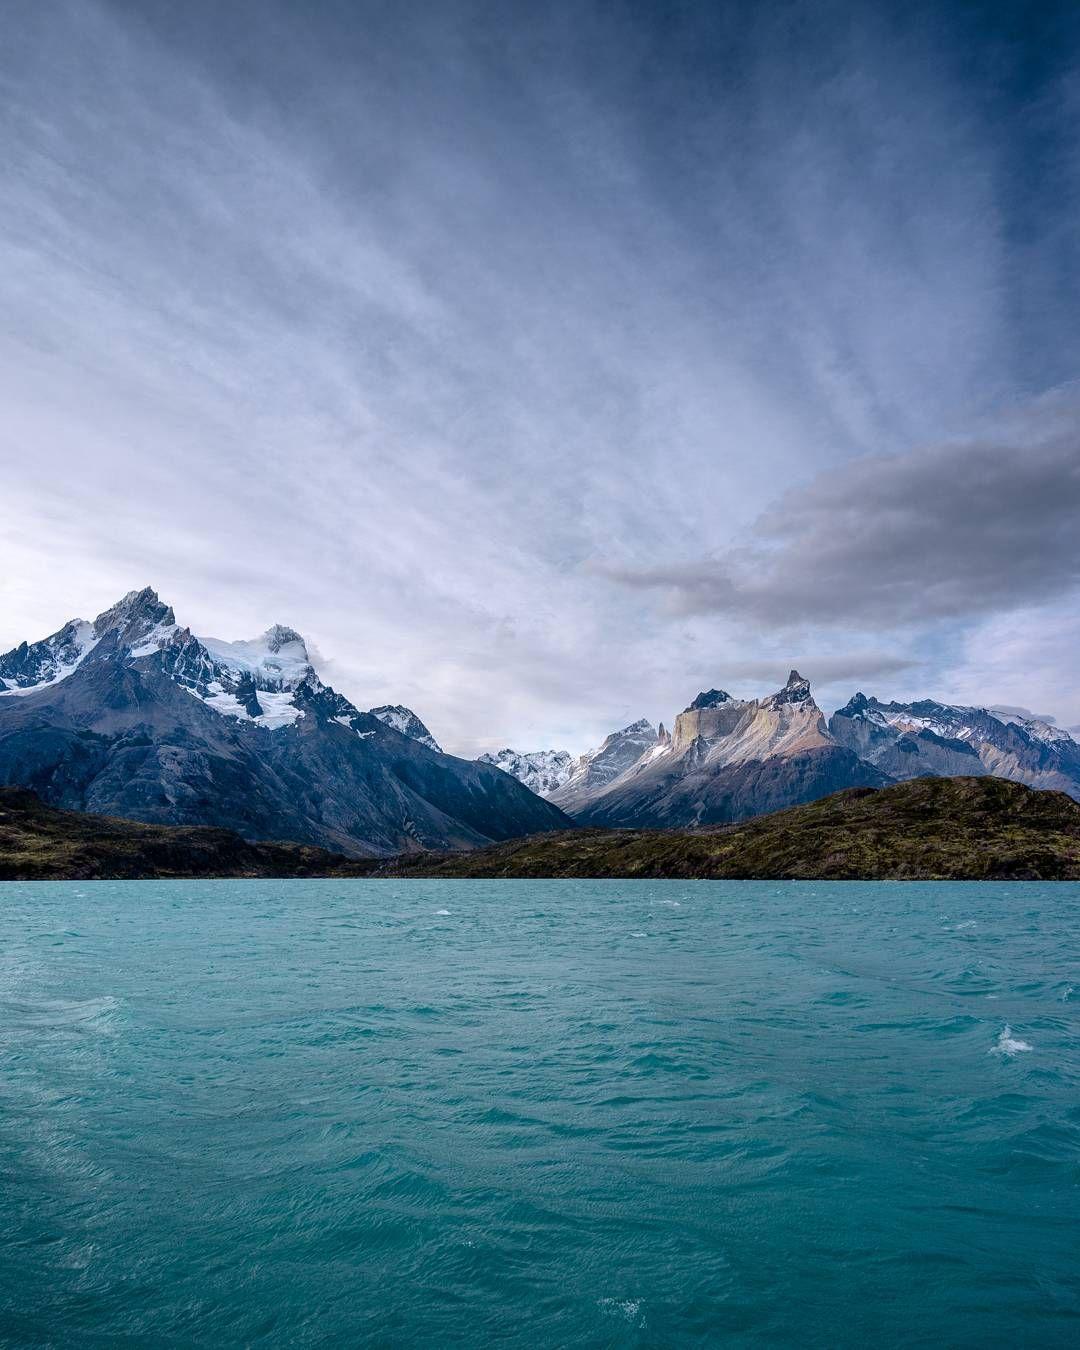 Finalizando o trekking de 4 dias no circuito W em Torres del Paine! Foram 80km de caminhada em cenário que faz tudo valer a pena... faria tudo de novo! . . . . #doisdemochila #patagonia #chile #torresdelpaine by bianchithiago